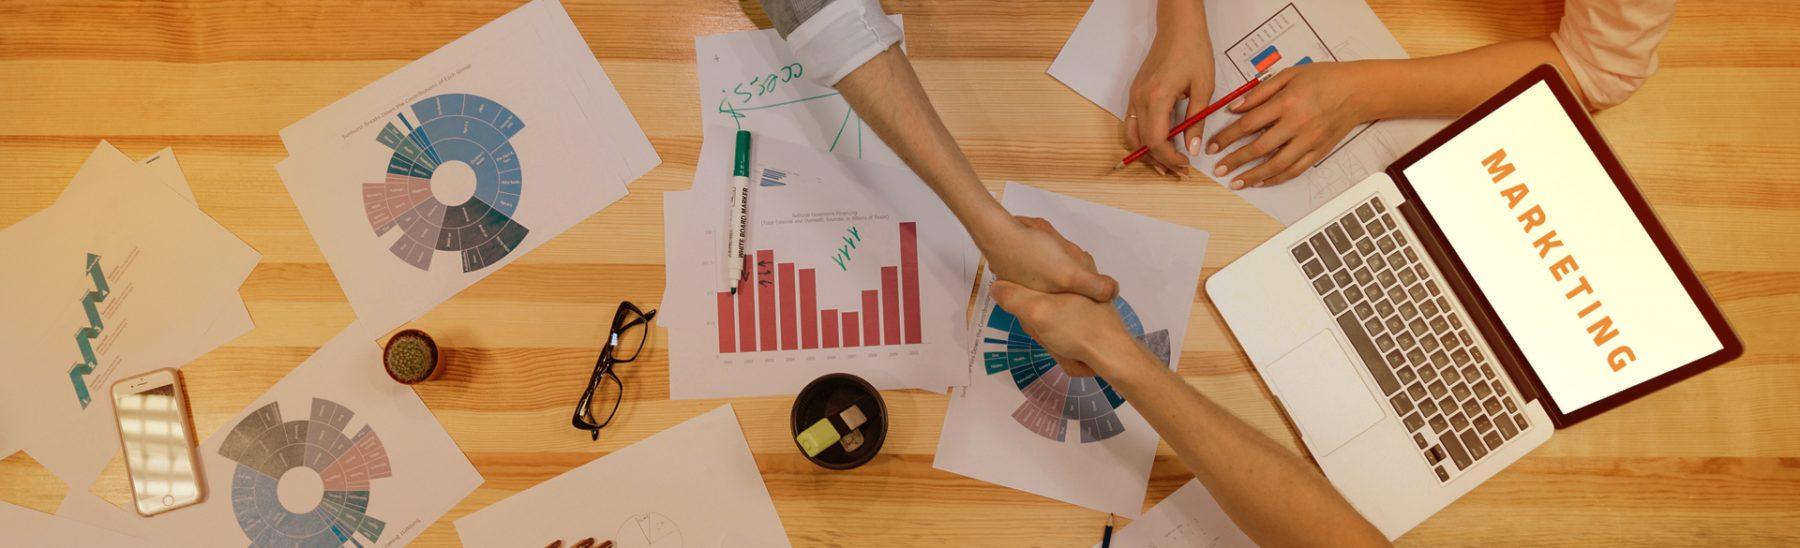 Estratégia de Marketing: como revelar de forma inteligente o que de melhor seu destino tem a oferecer?